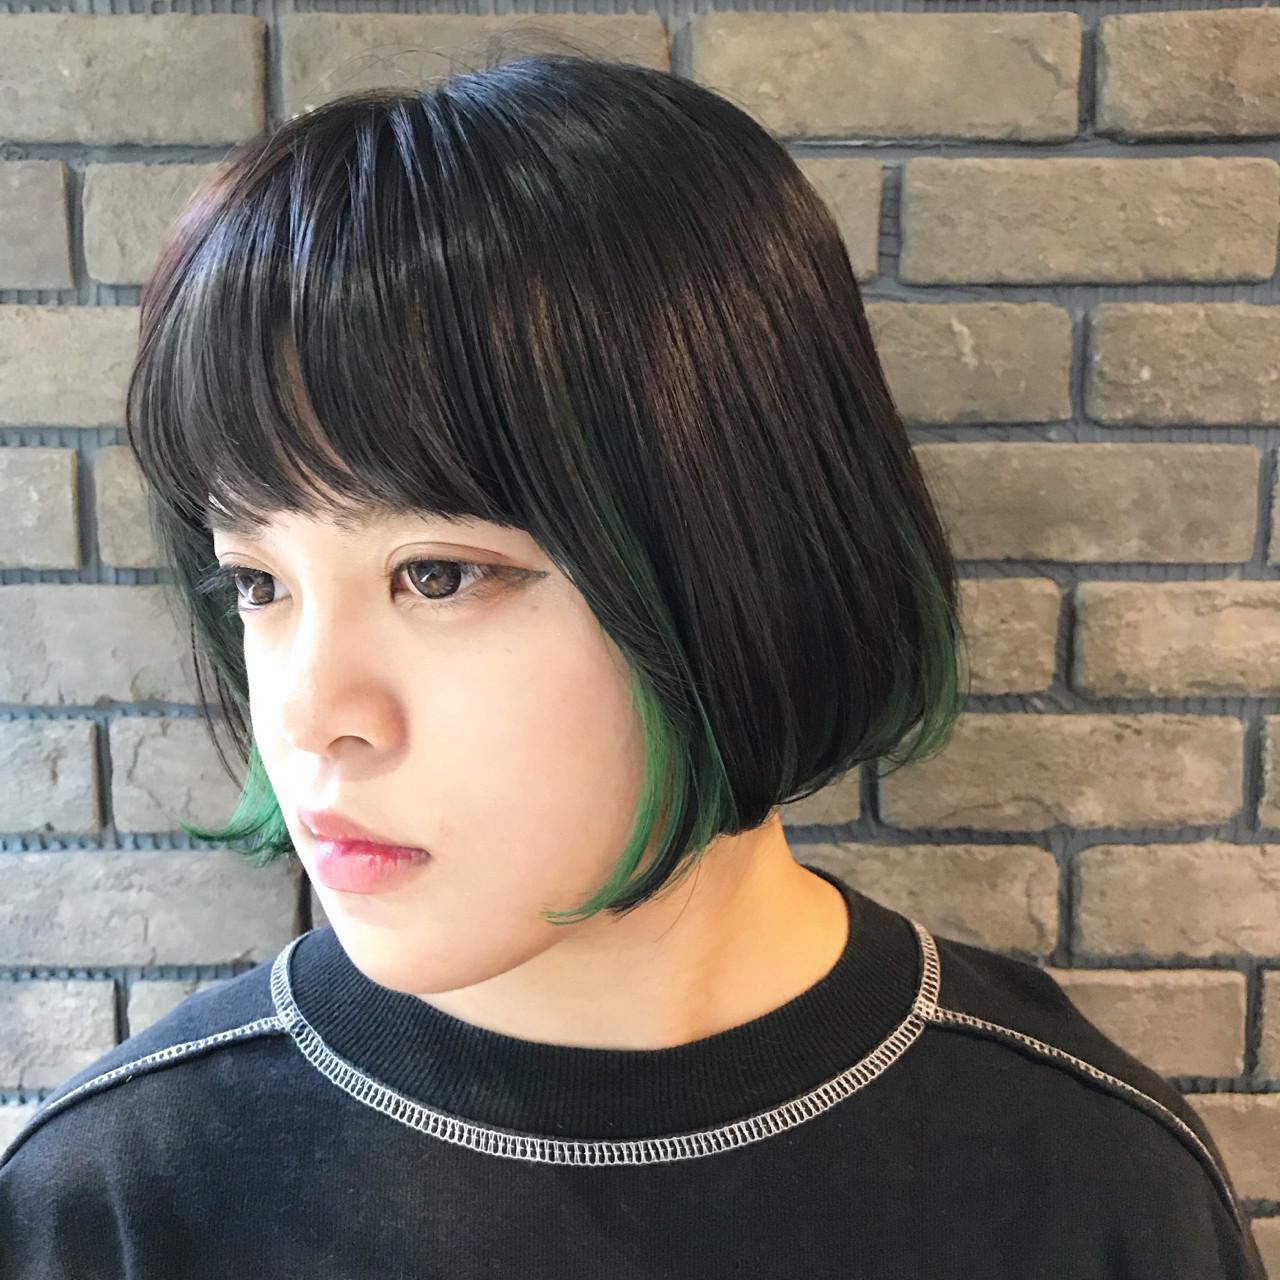 前下がり ストリート ボブ インナーカラー ヘアスタイルや髪型の写真・画像 | 谷川 健太 / ROVERSI